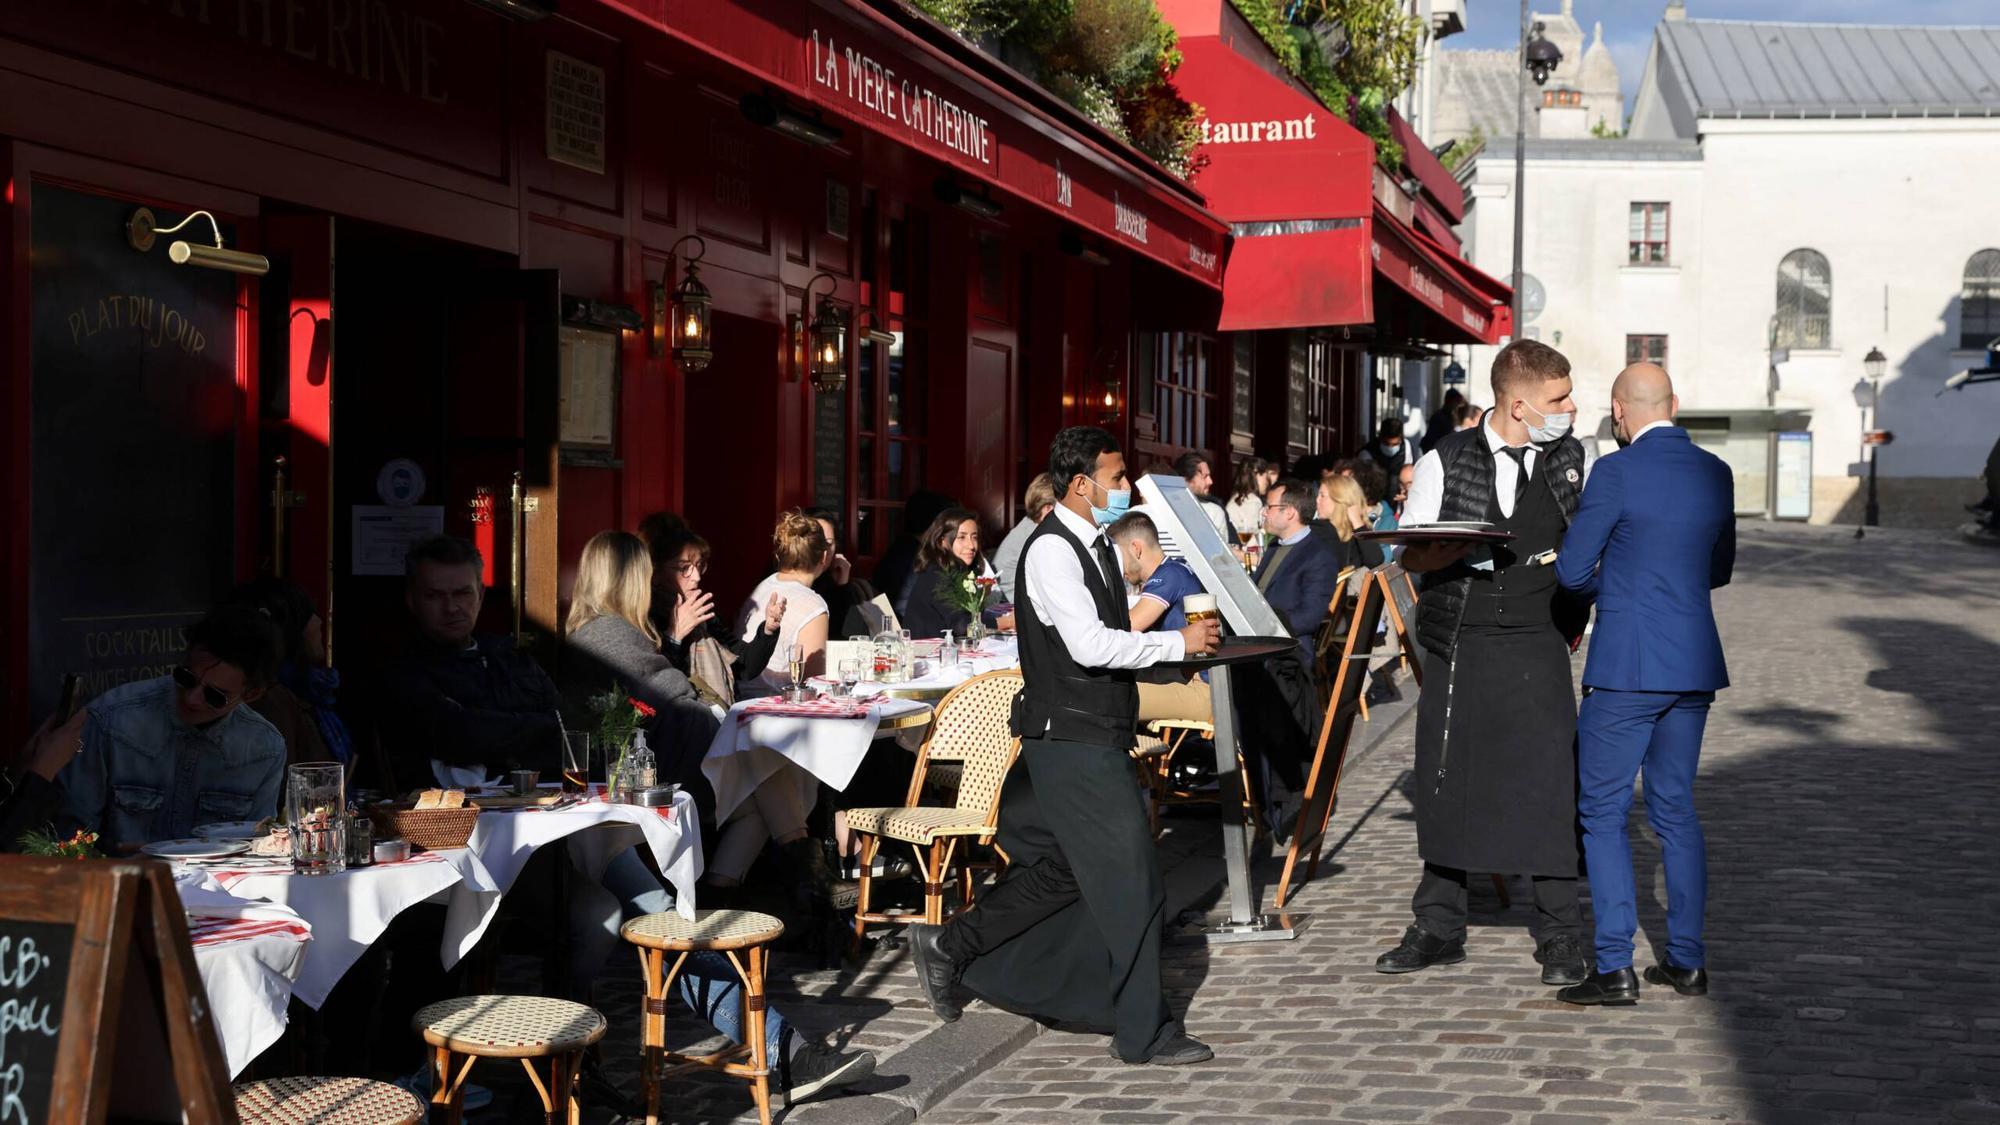 'Pass sanitaire' ingevoerd in Frankrijk